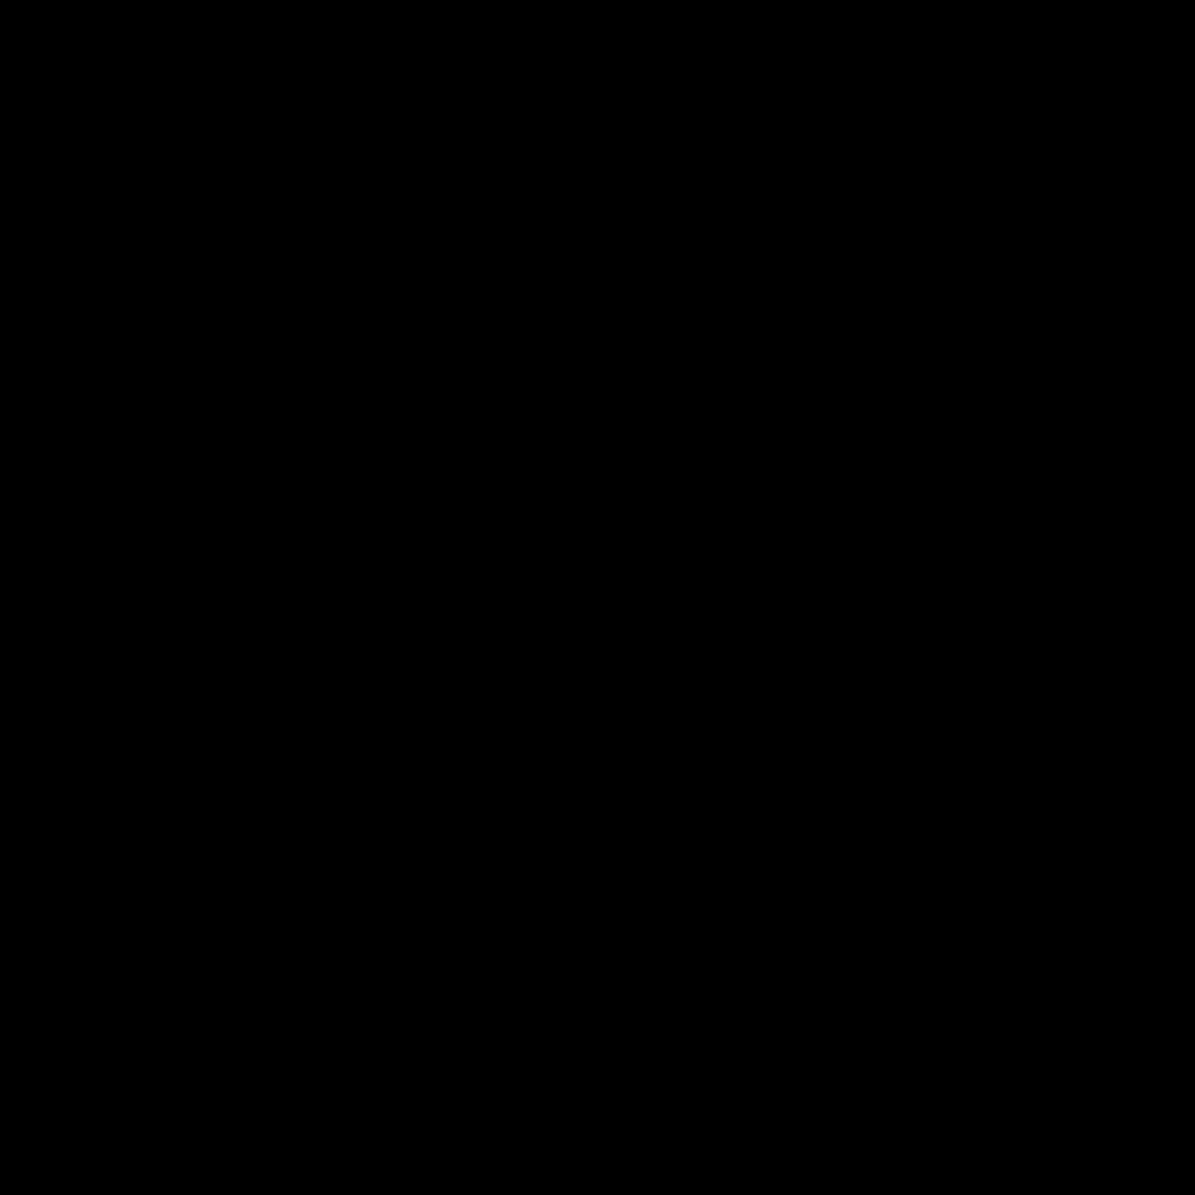 Marmorkrebs: Korša, 2016